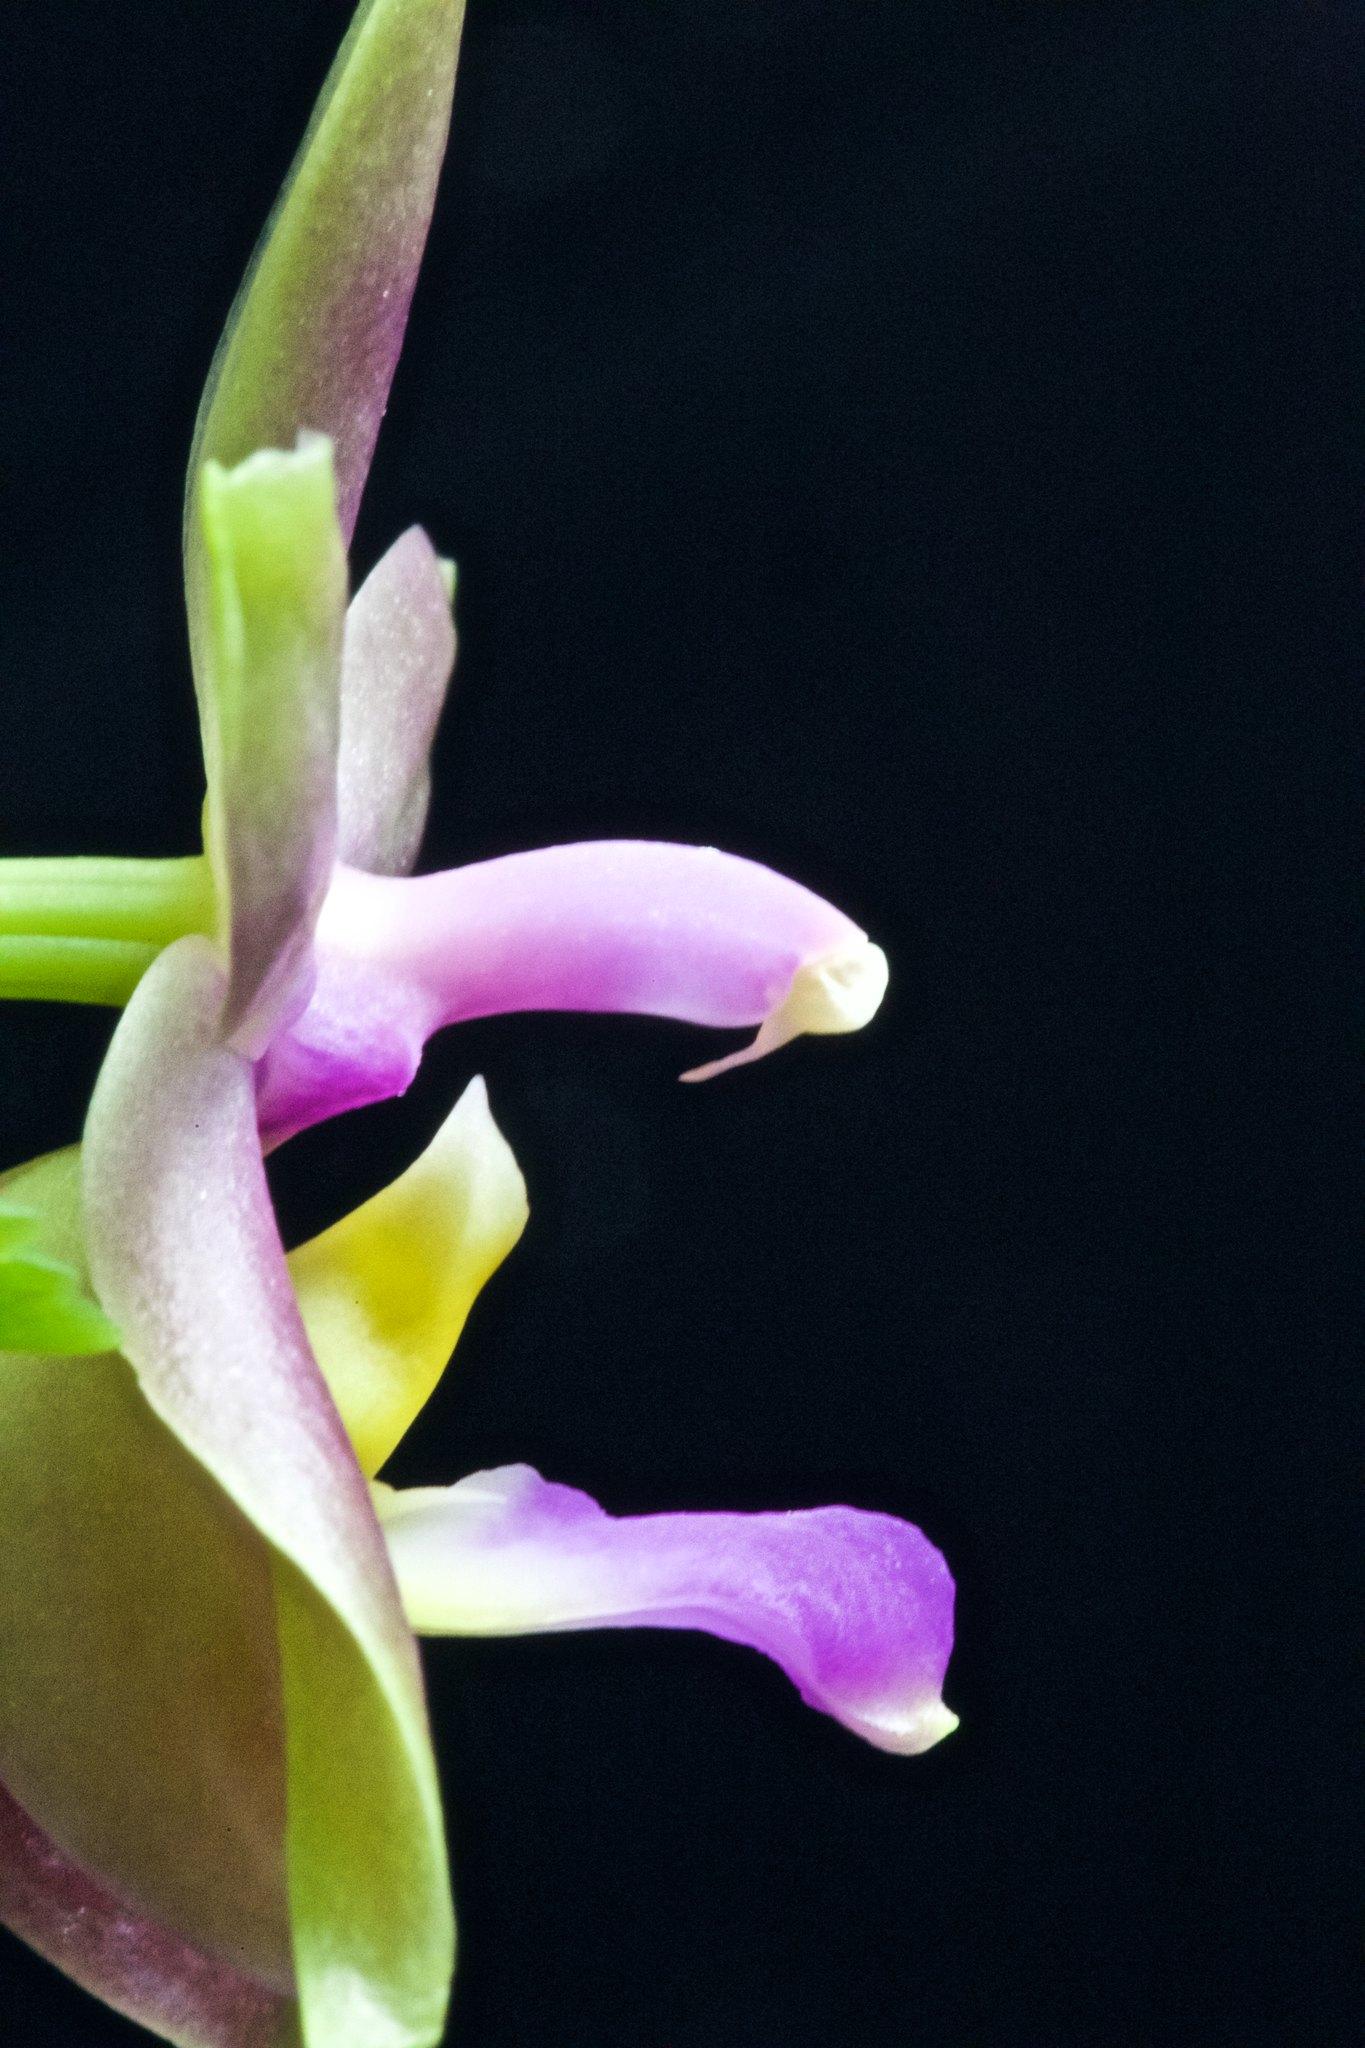 Phalaenopsis valentinii x bellina 20206490490_3cefcbaea0_k